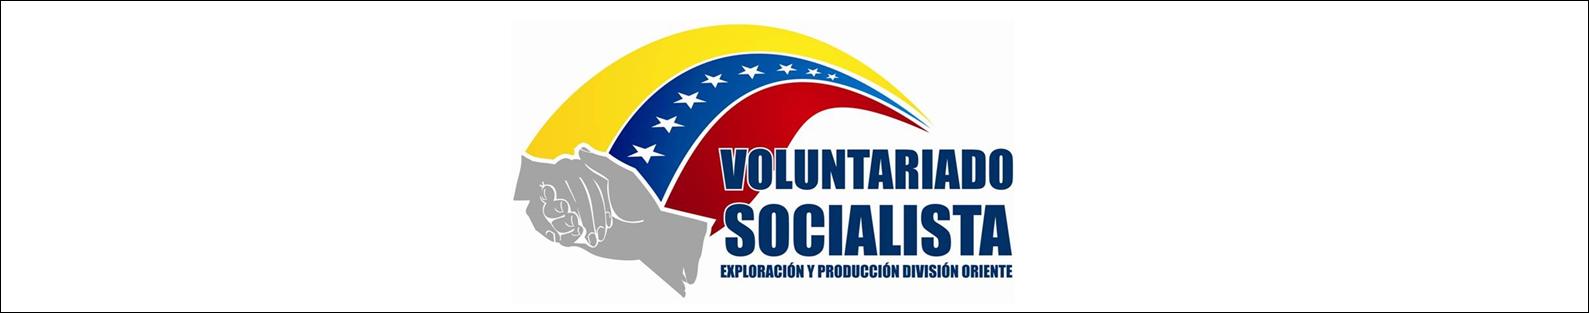 Voluntariado Socialista de la Nueva Pdvsa